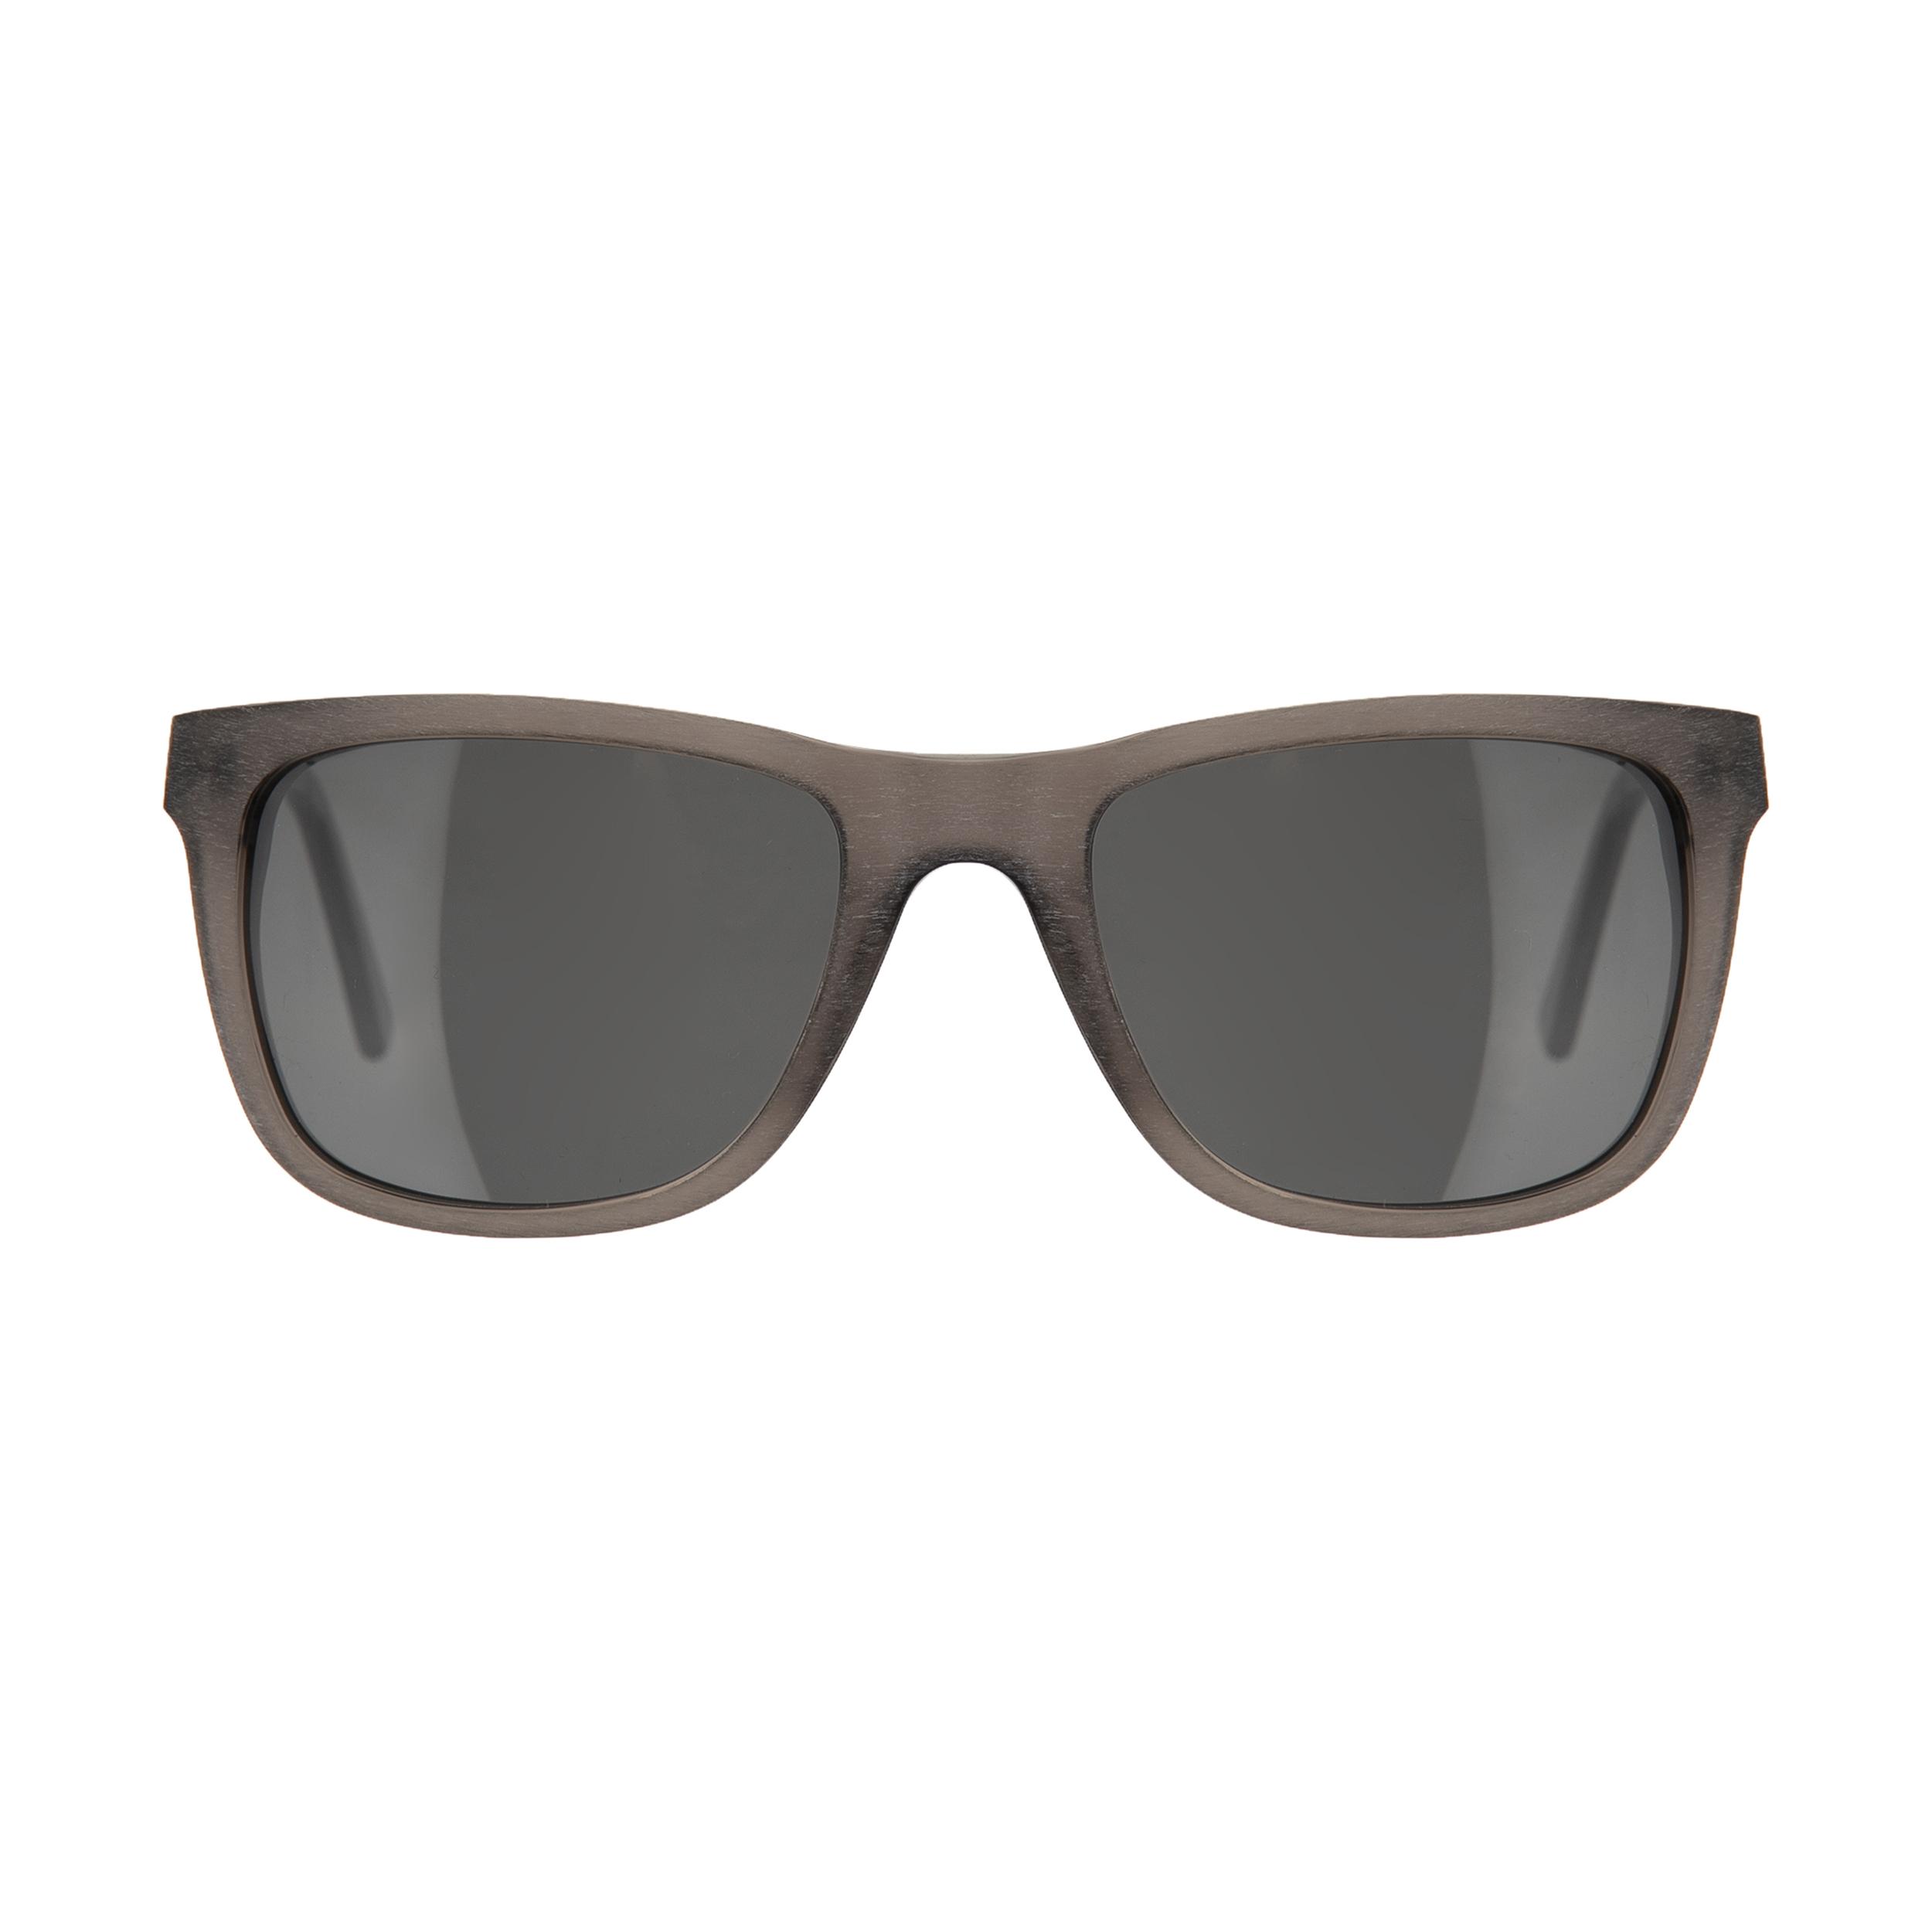 عینک آفتابی زنانه ویستان مدل 7451003